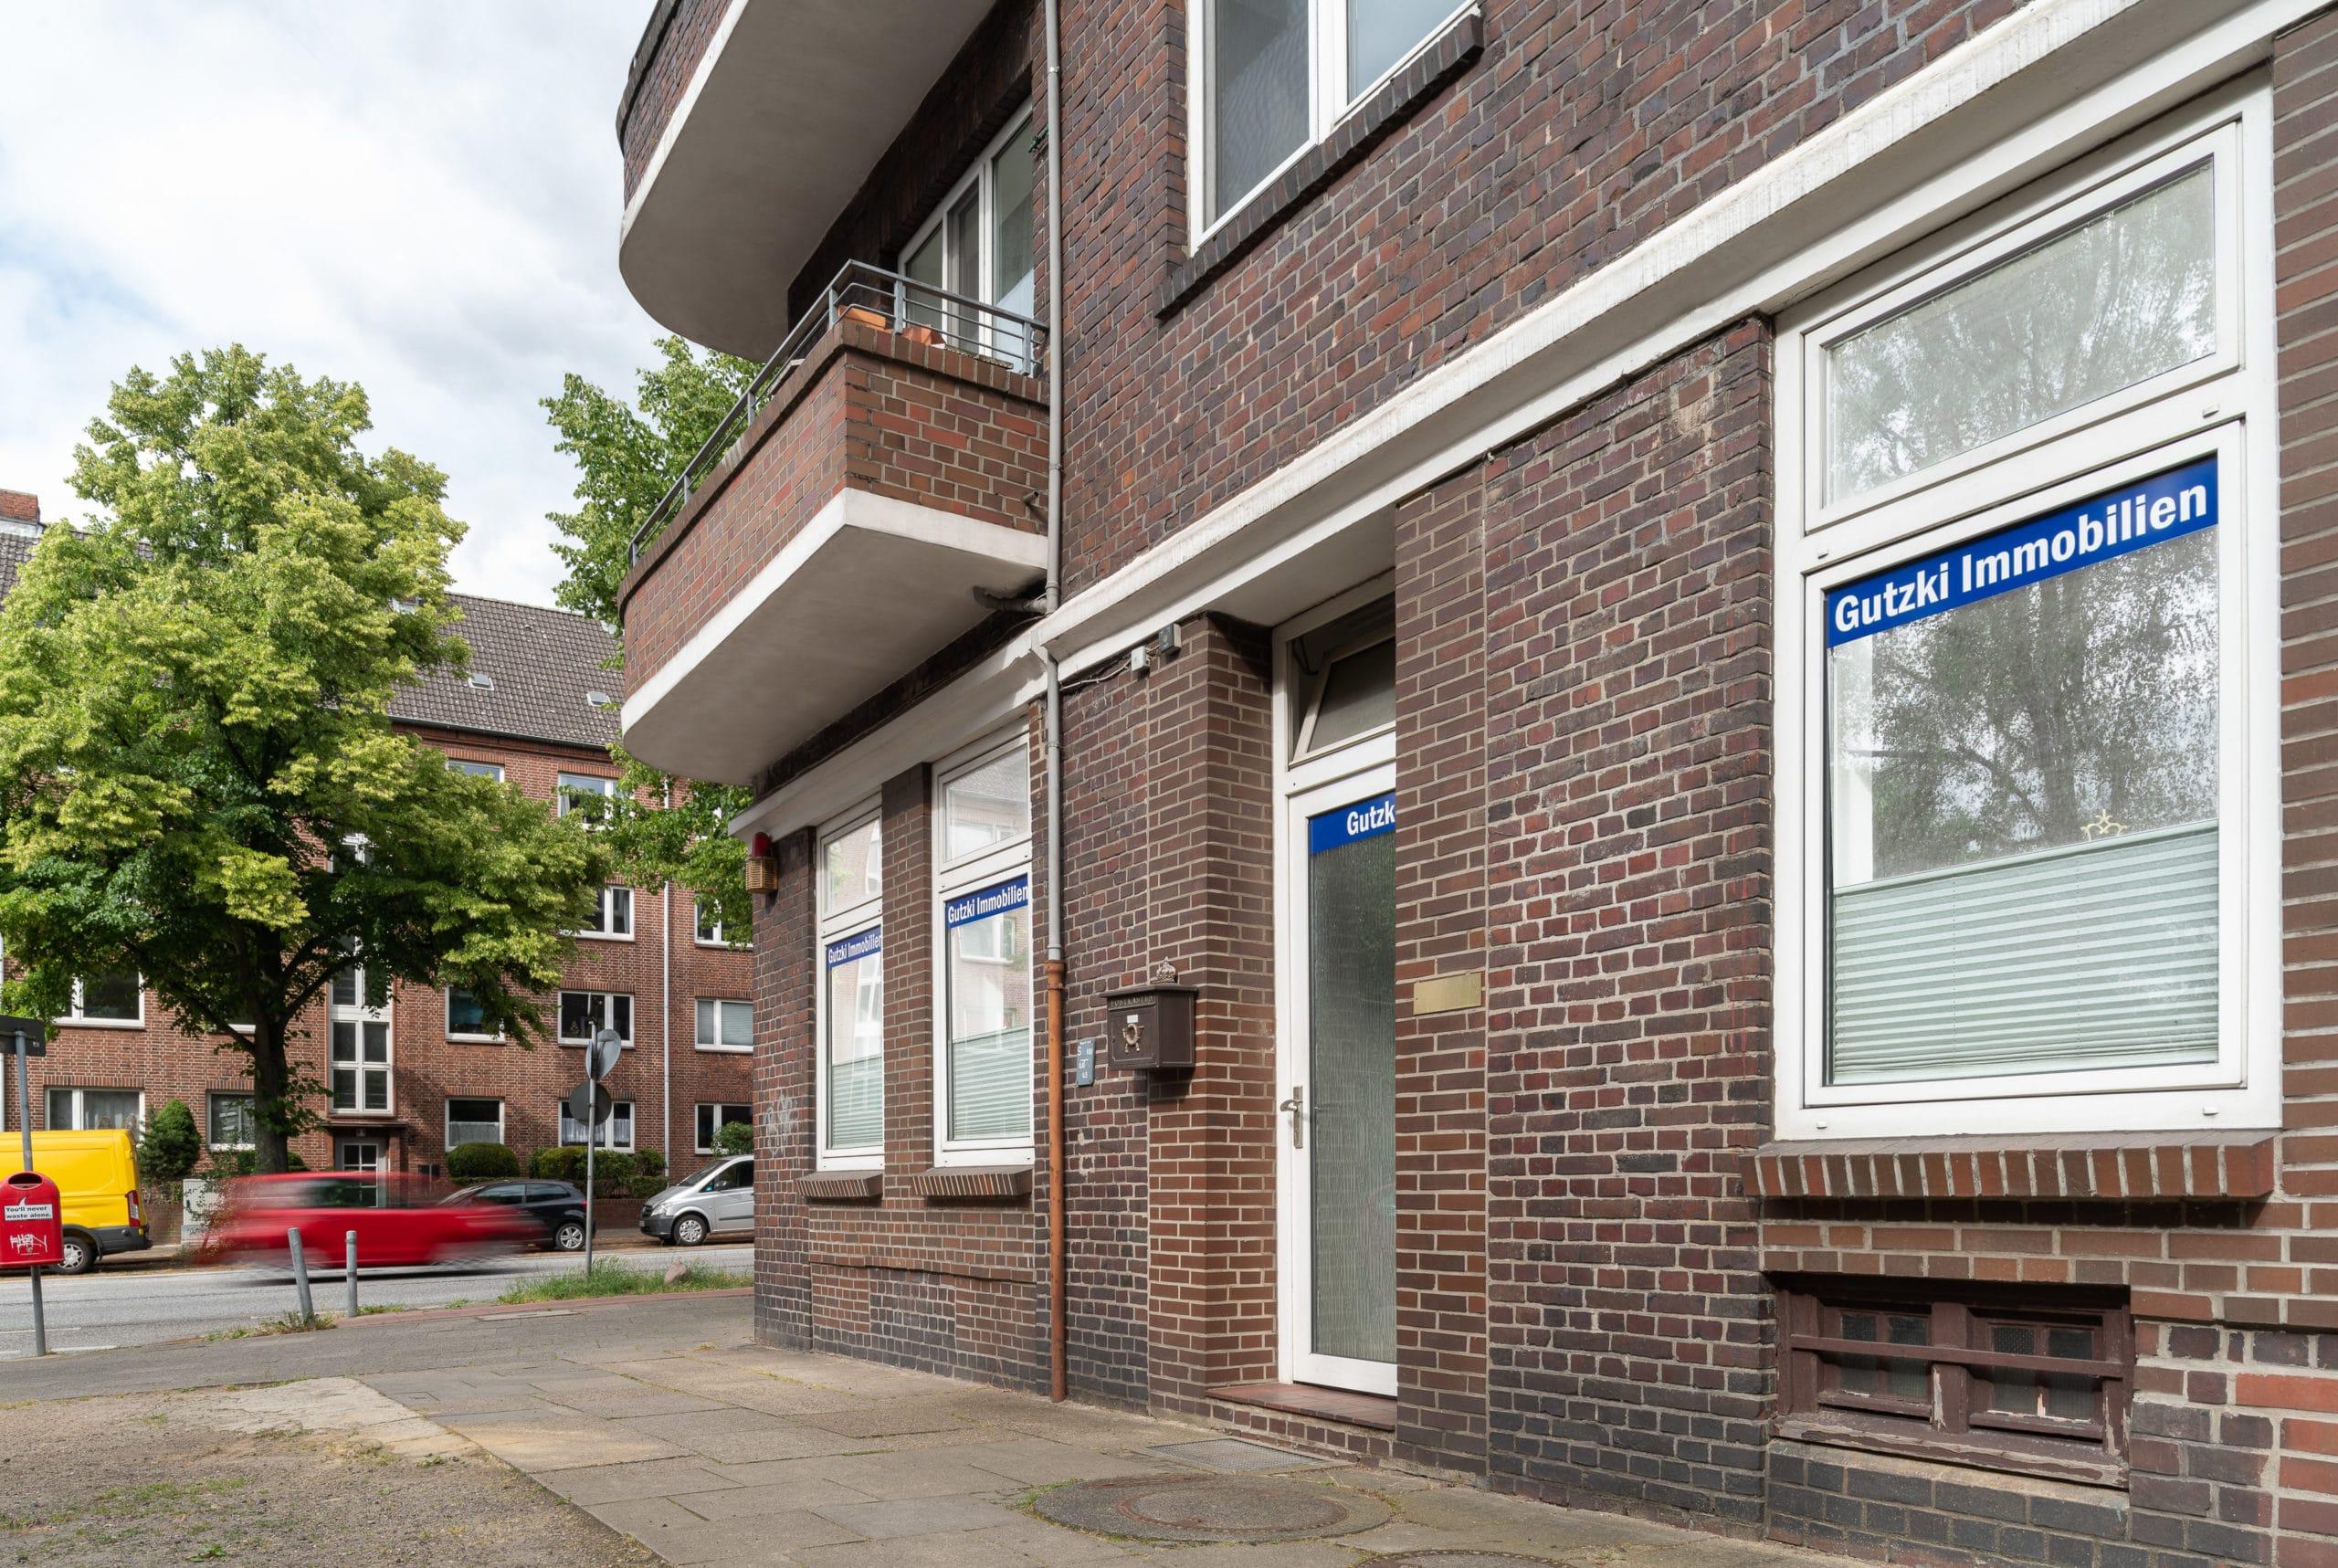 Außenaufnahme eines Unternehmens für Immobilien Verwaltung in Hamburg  Fotograf in der Region Osnabrück Münster Bielefeld für Unternehmensfotografie